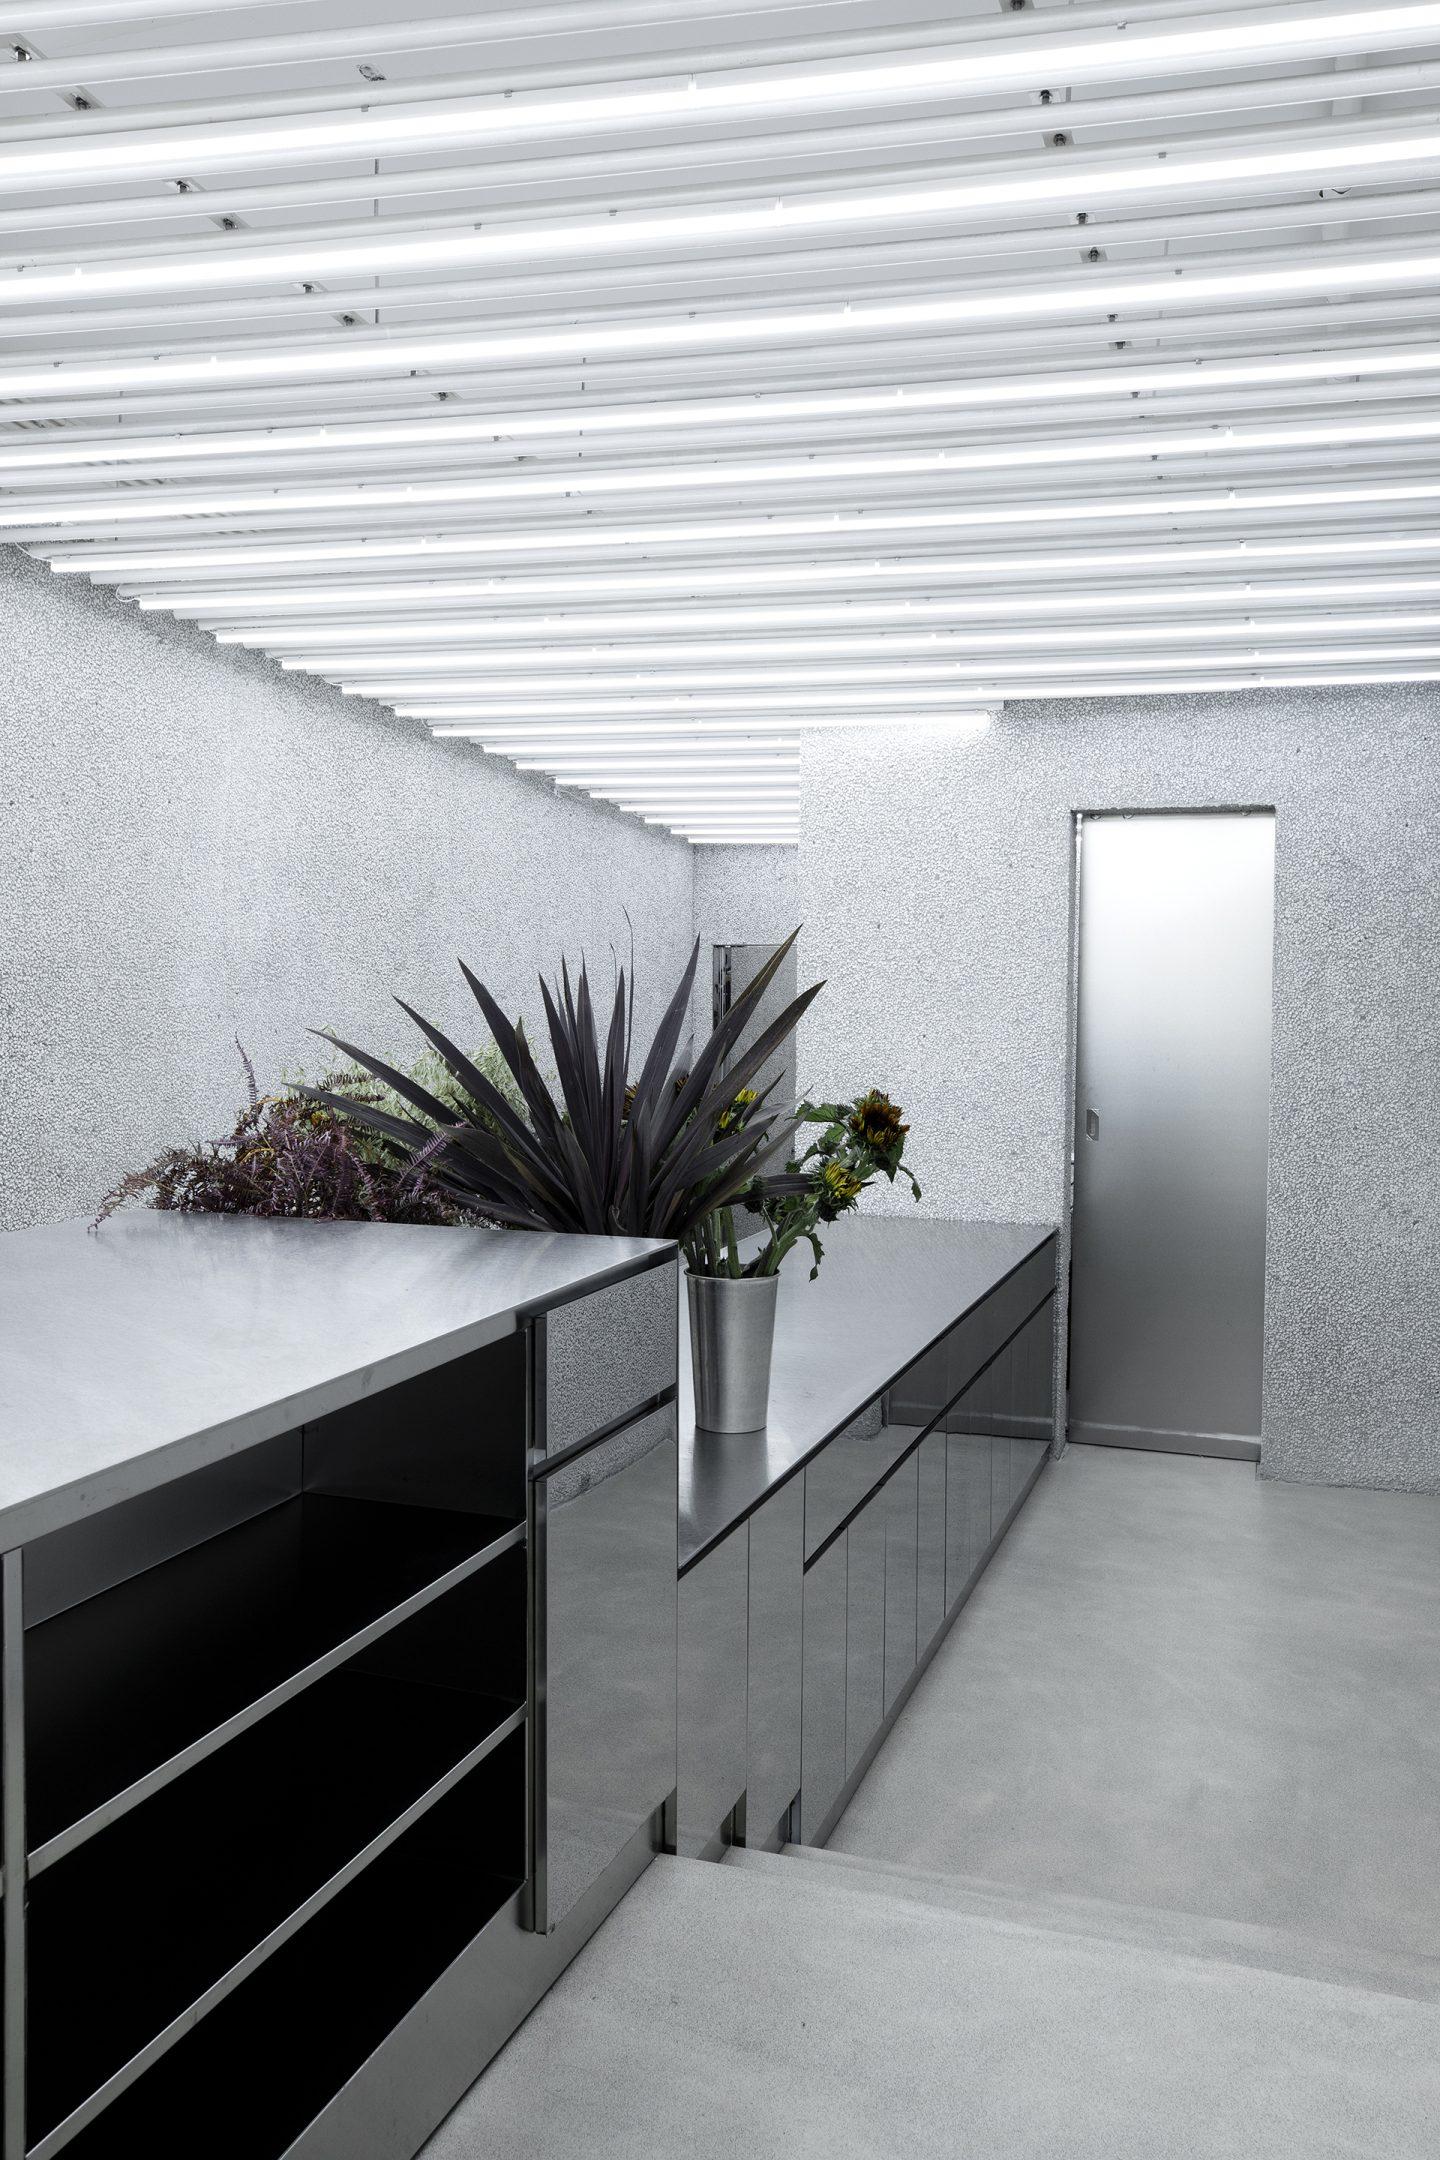 IGNANT-Architecture-0321studio-14